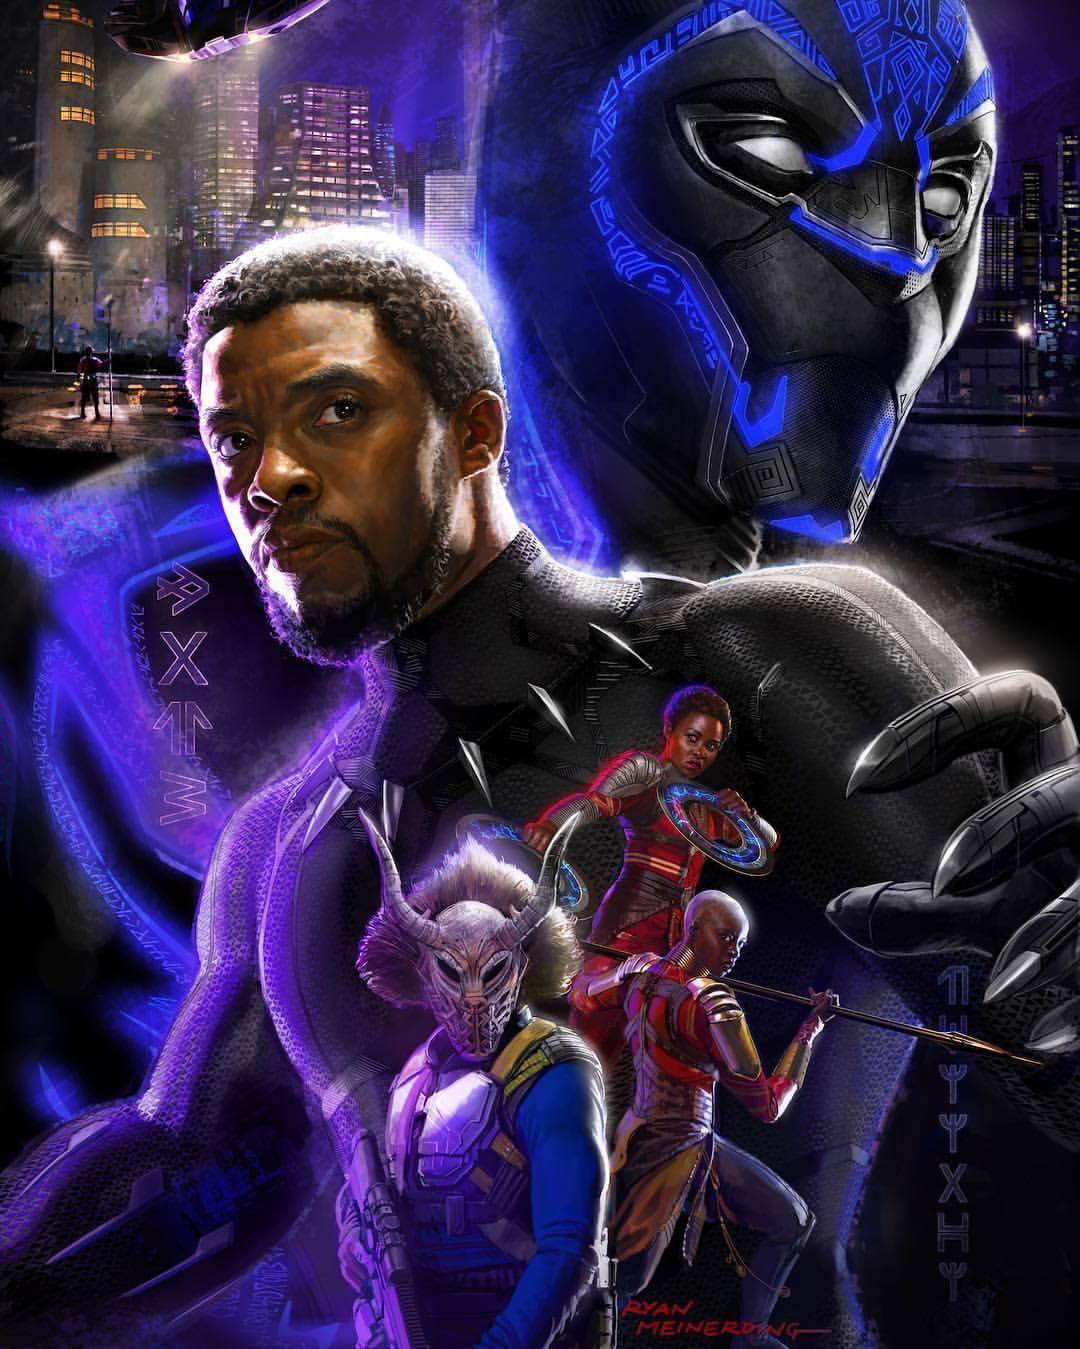 Nieuwe Concept Art van Marvel's Black Panther